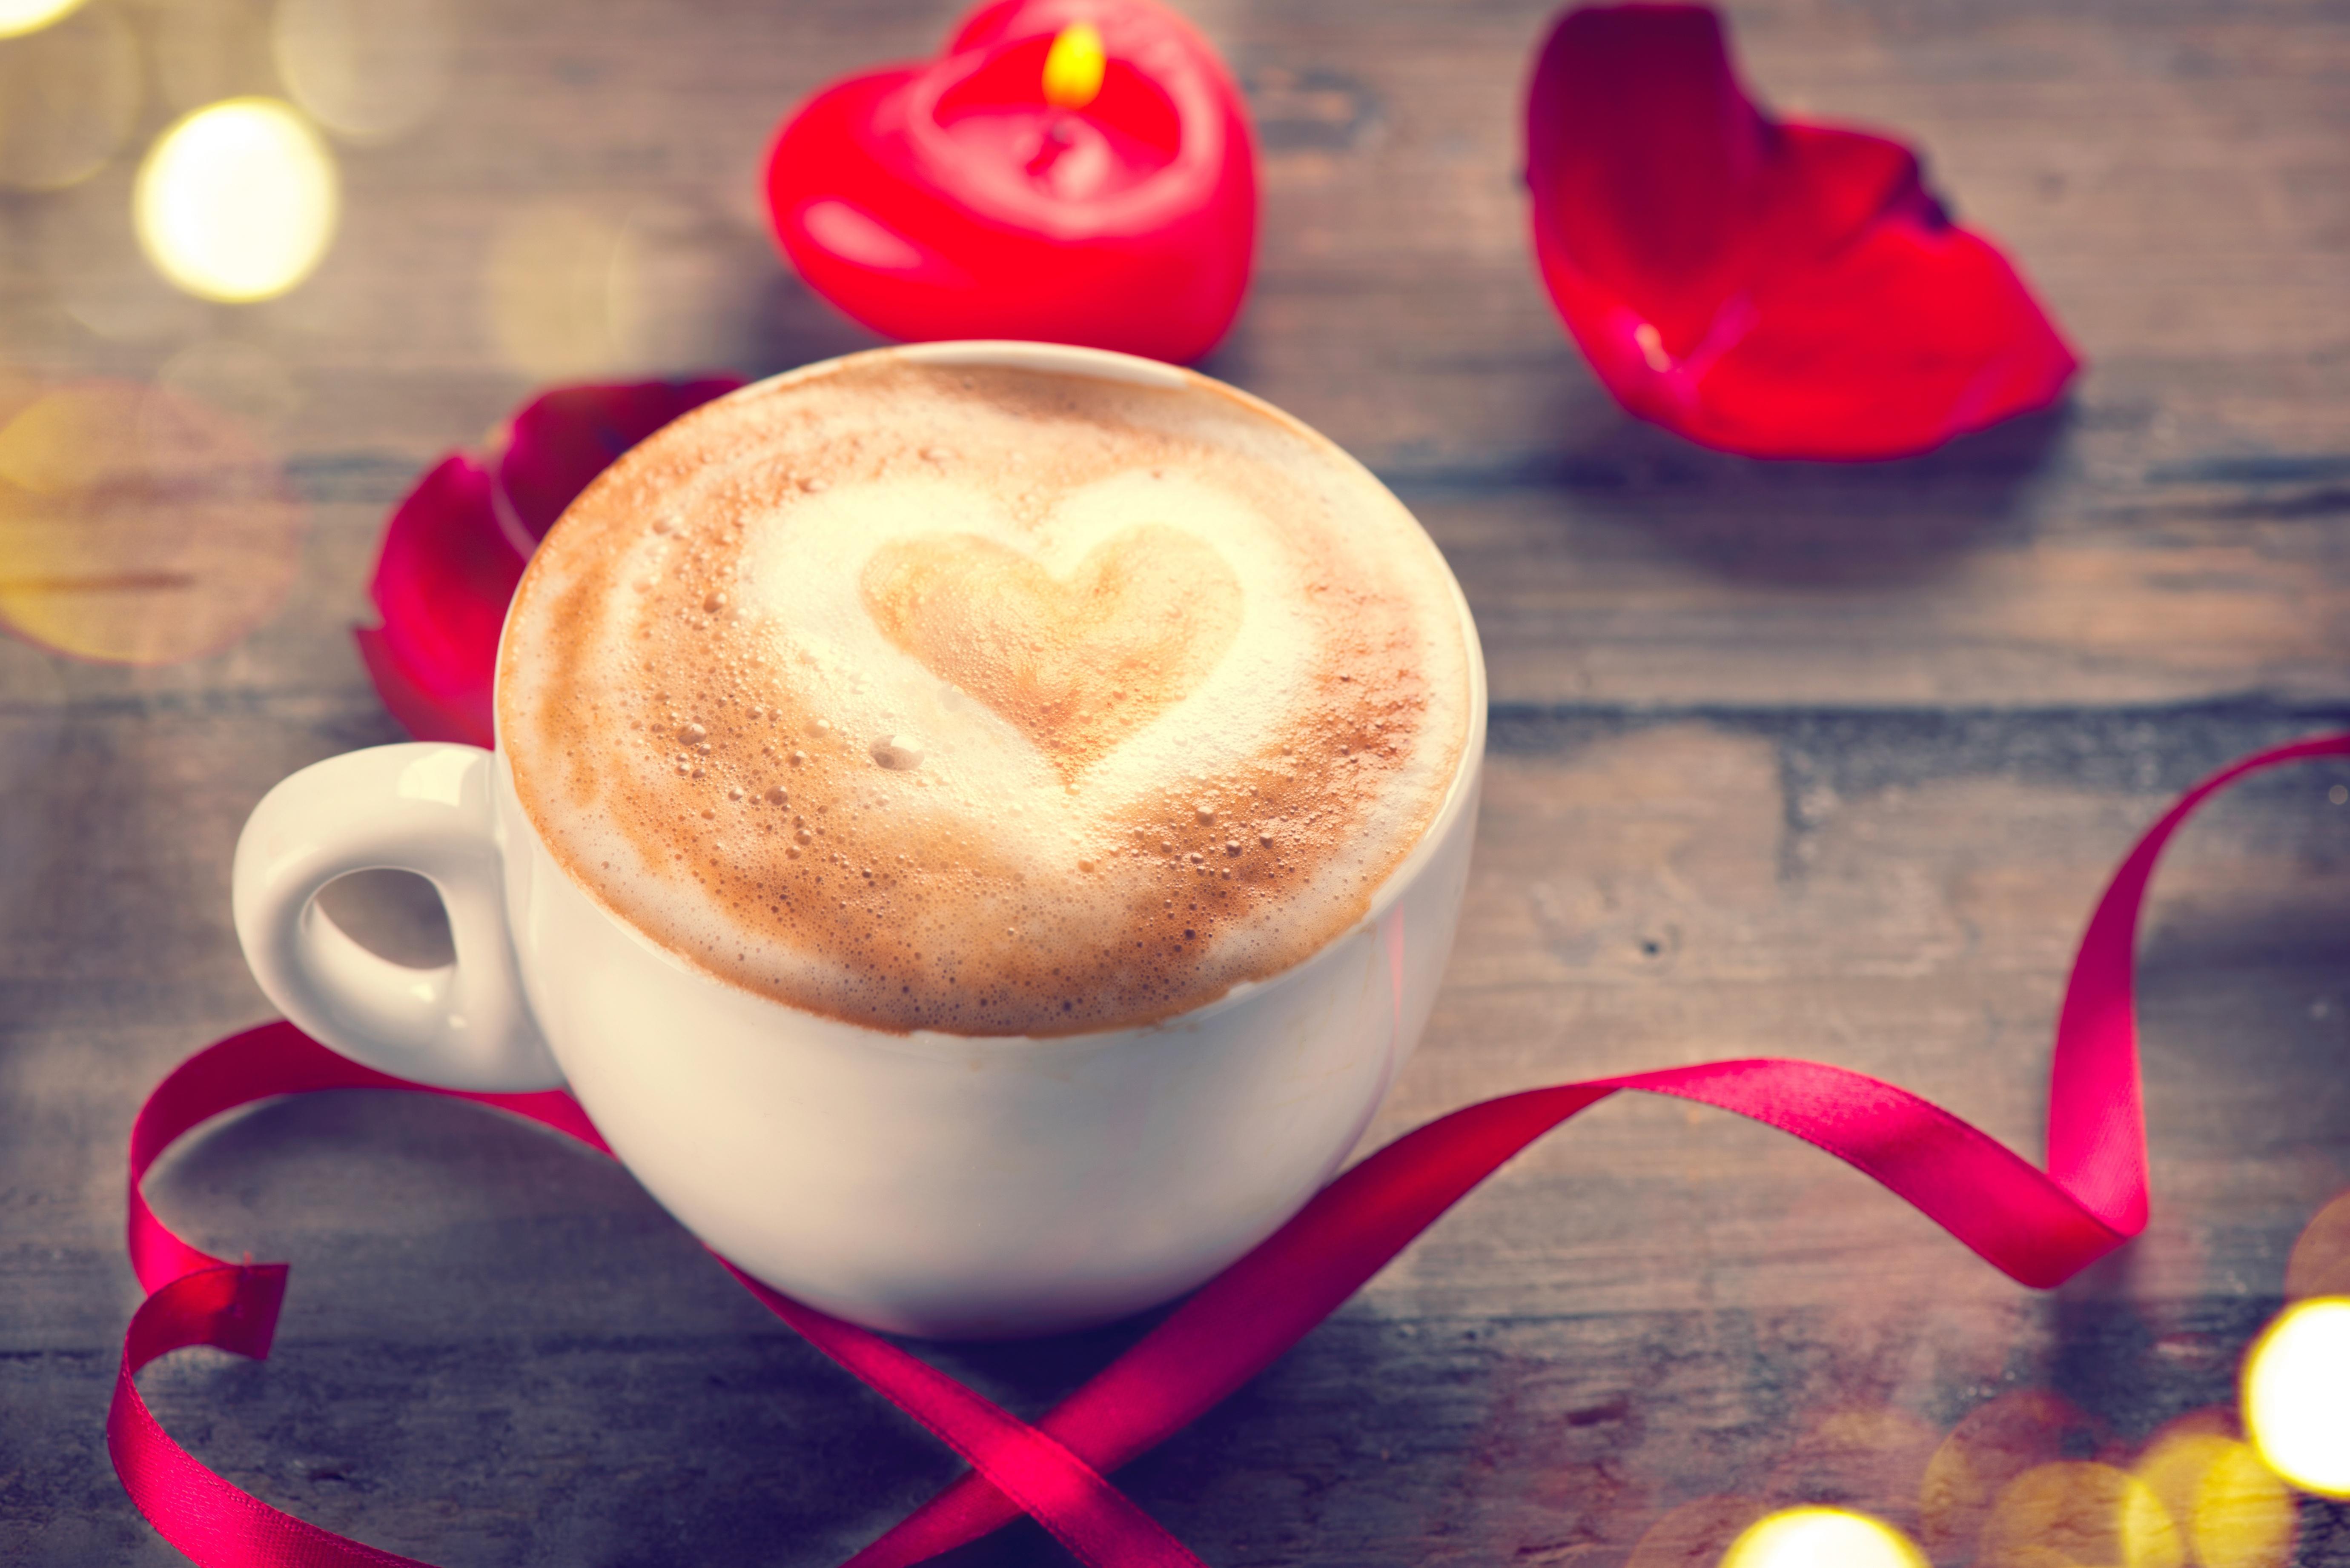 розочек картинки с большой чашкой кофе для валентины нему, как сыну